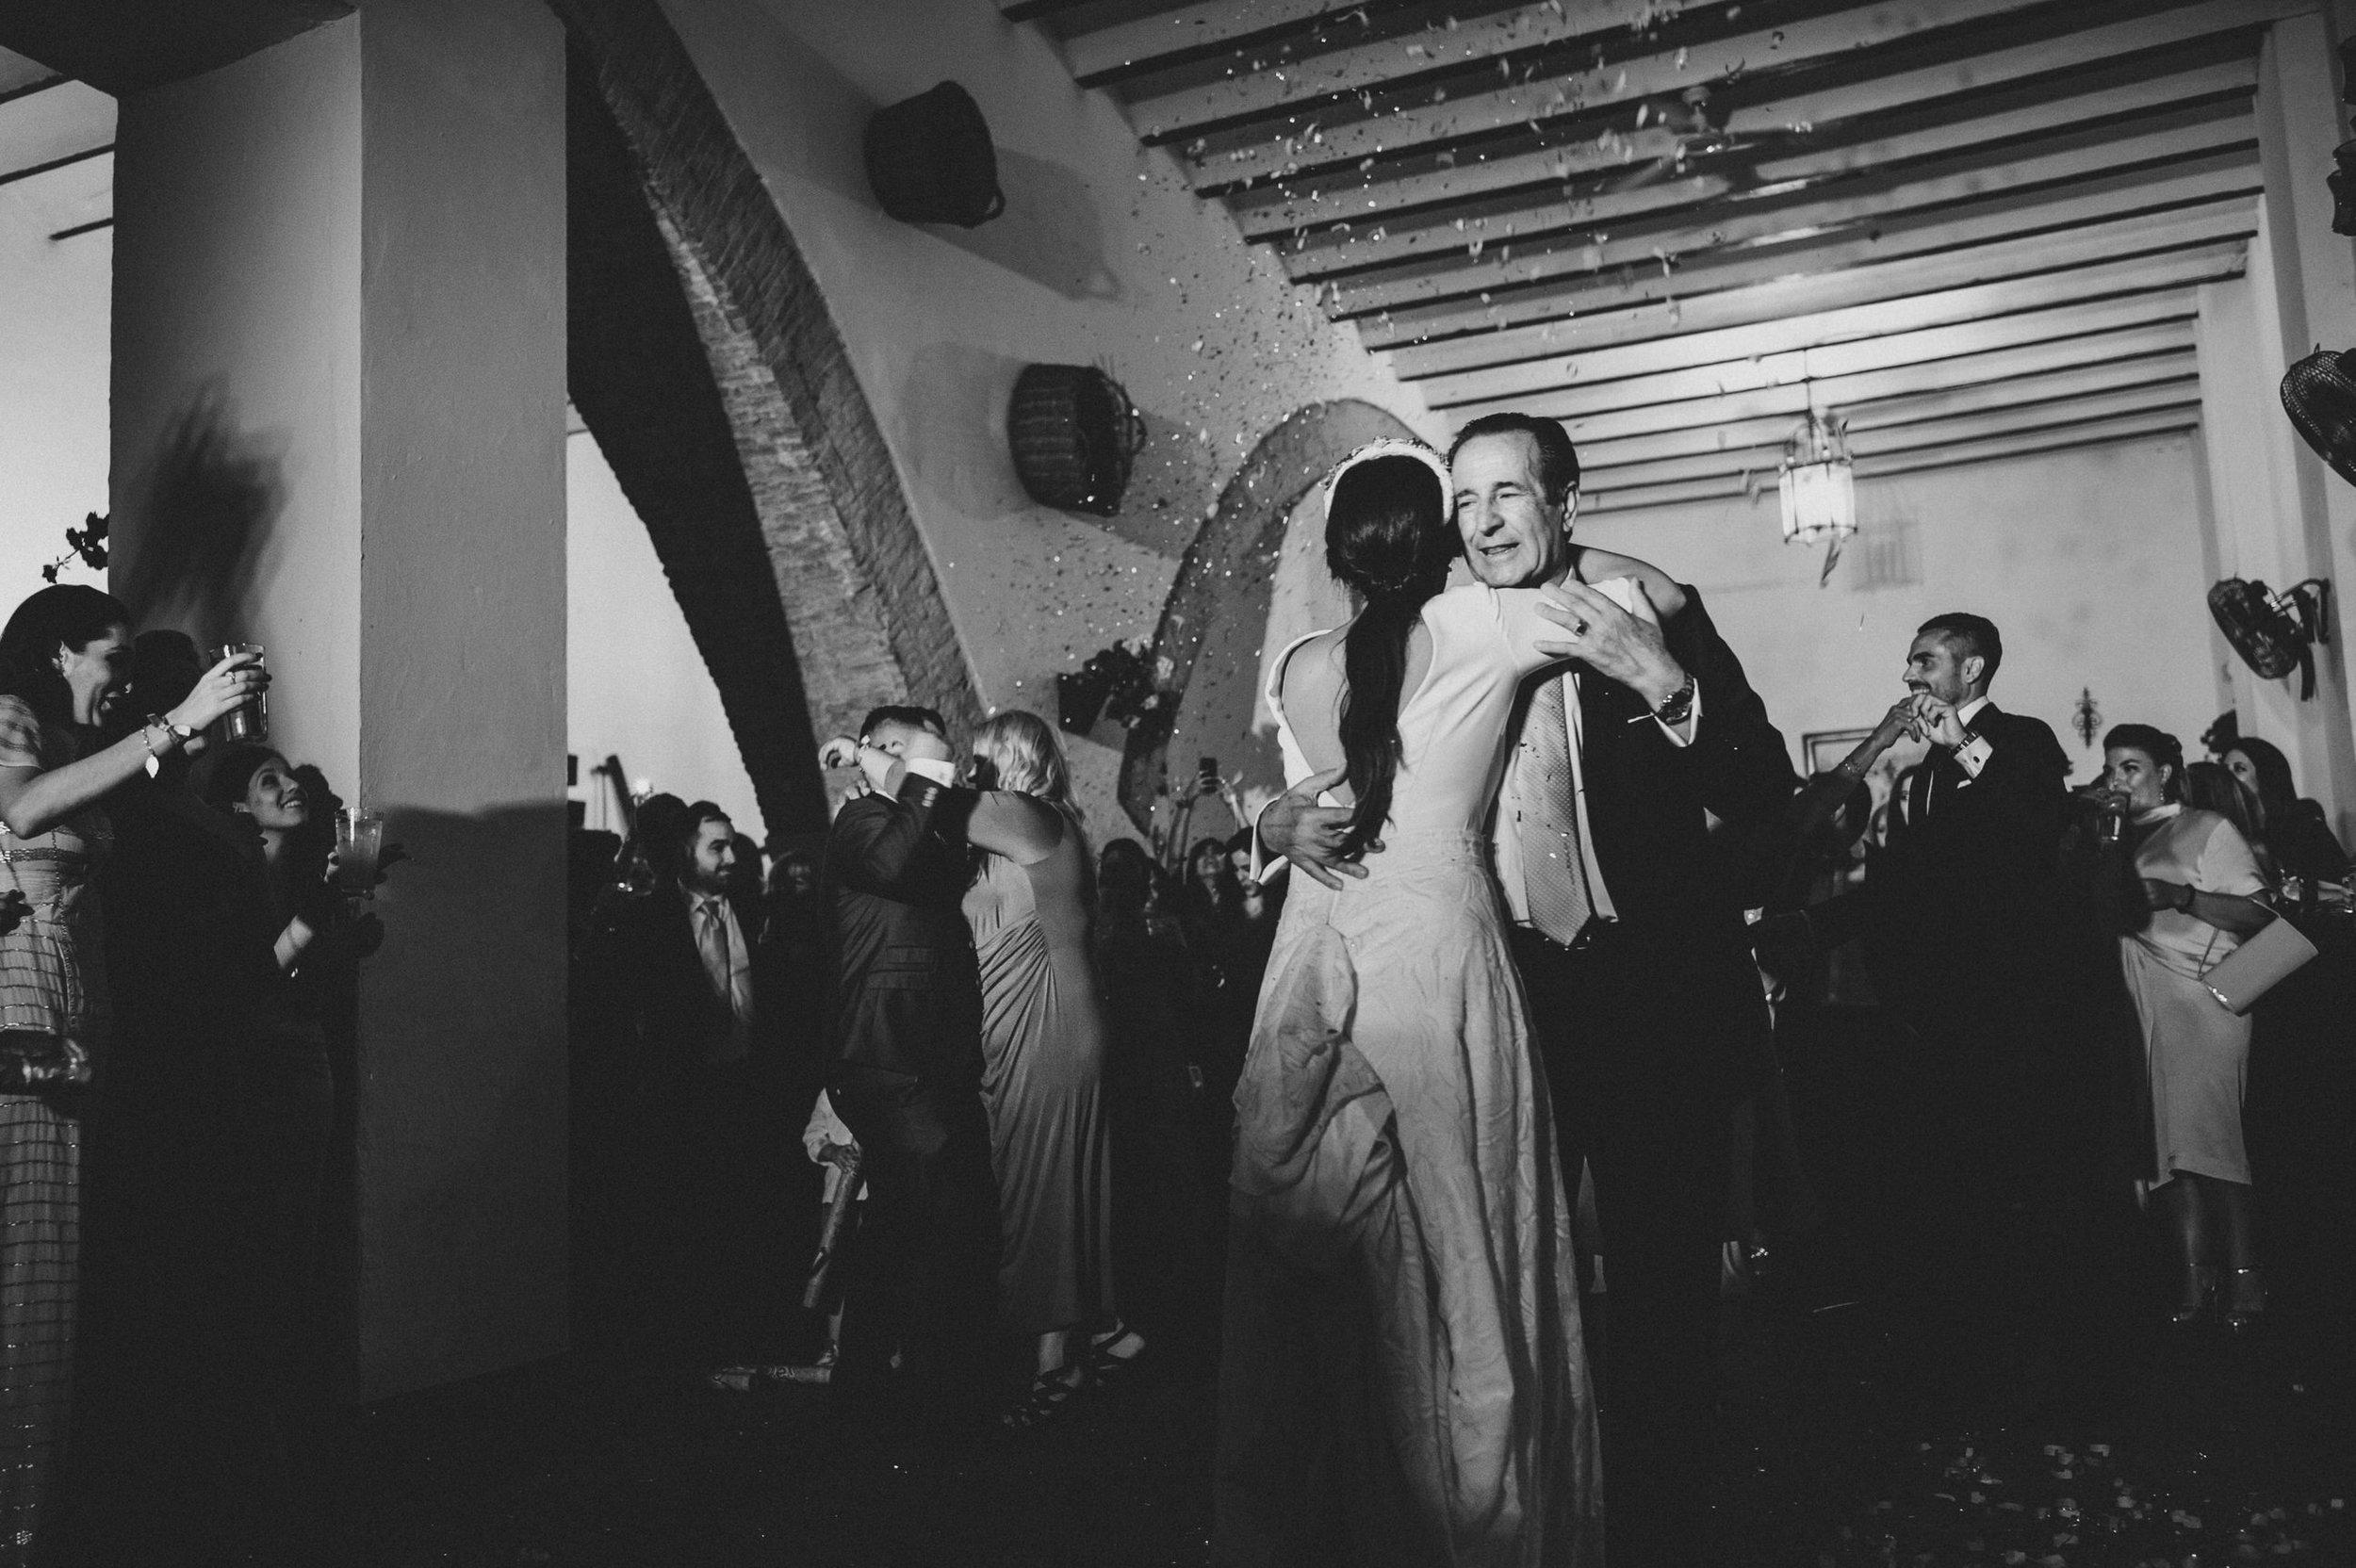 Rocío & Antonio - Boda en Consolación y Rovira Utrera - fotógrafo Andrés Amarillo  (36).JPG